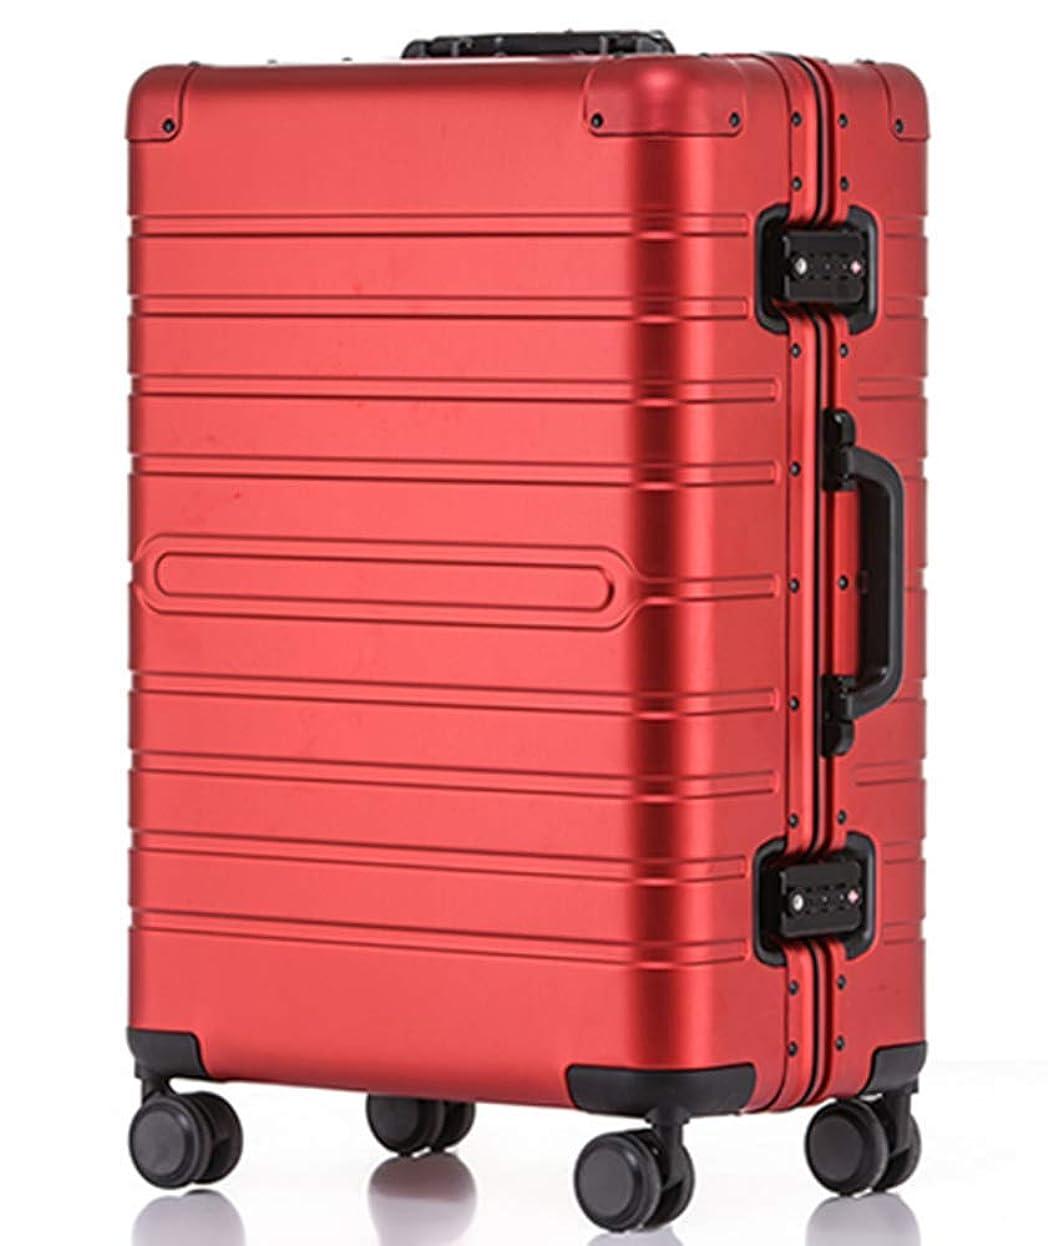 はいたくさんの圧倒的Langxj hj スーツケース アルミマグネシウム合金 キャリーバッグ ダブルキャスター?静音 キャリーケース TSAロック搭載 フレームタイプ ドイツ製カバー付き 軽量 機内持込8095